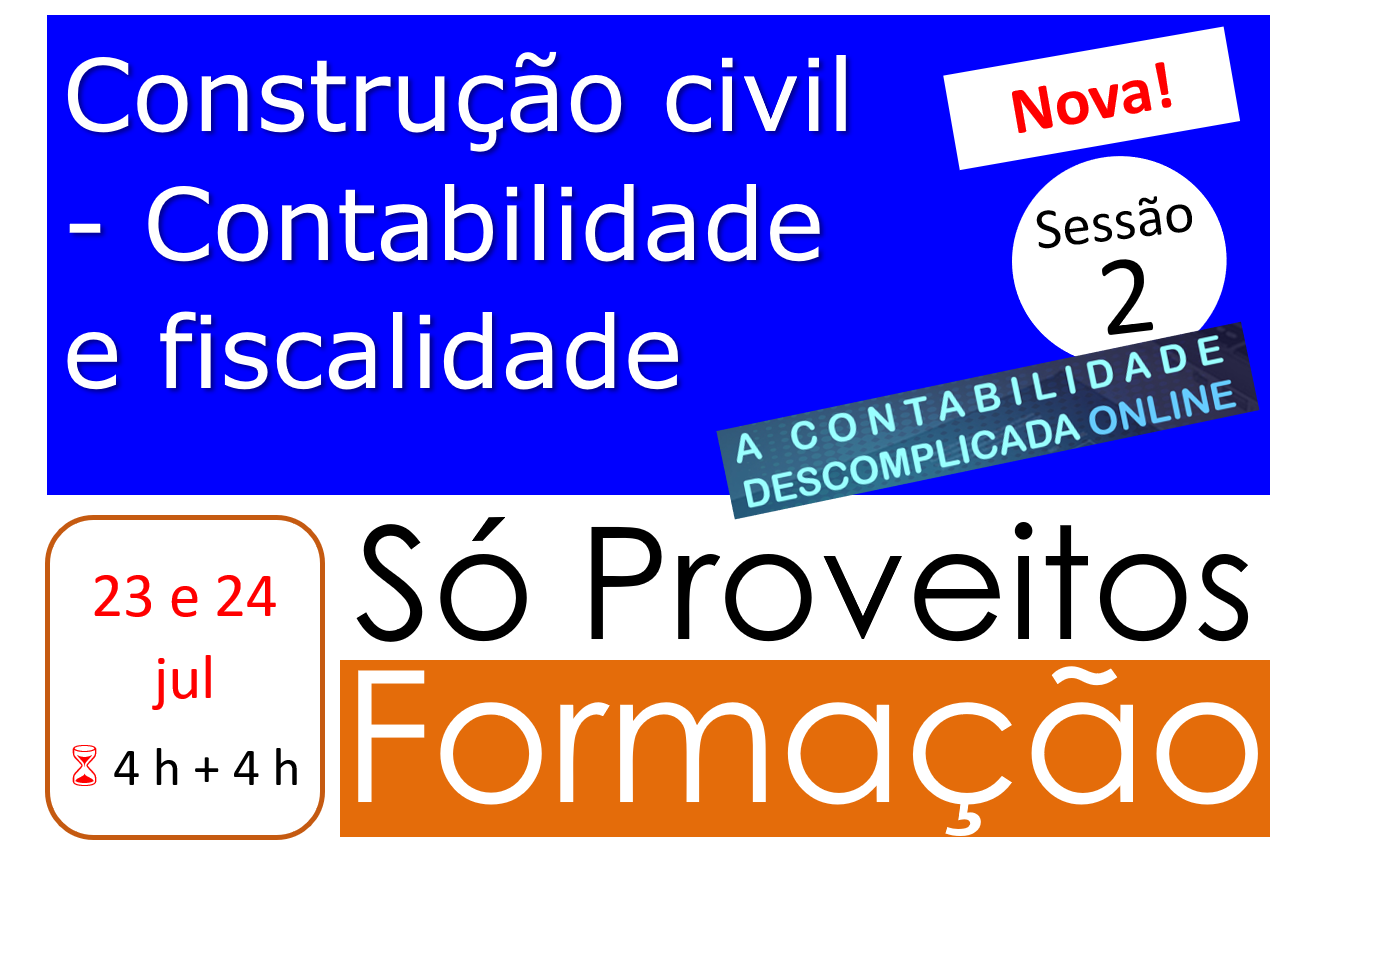 Construção civil - Contabilidade e fiscalidade - 23 e 24/jul